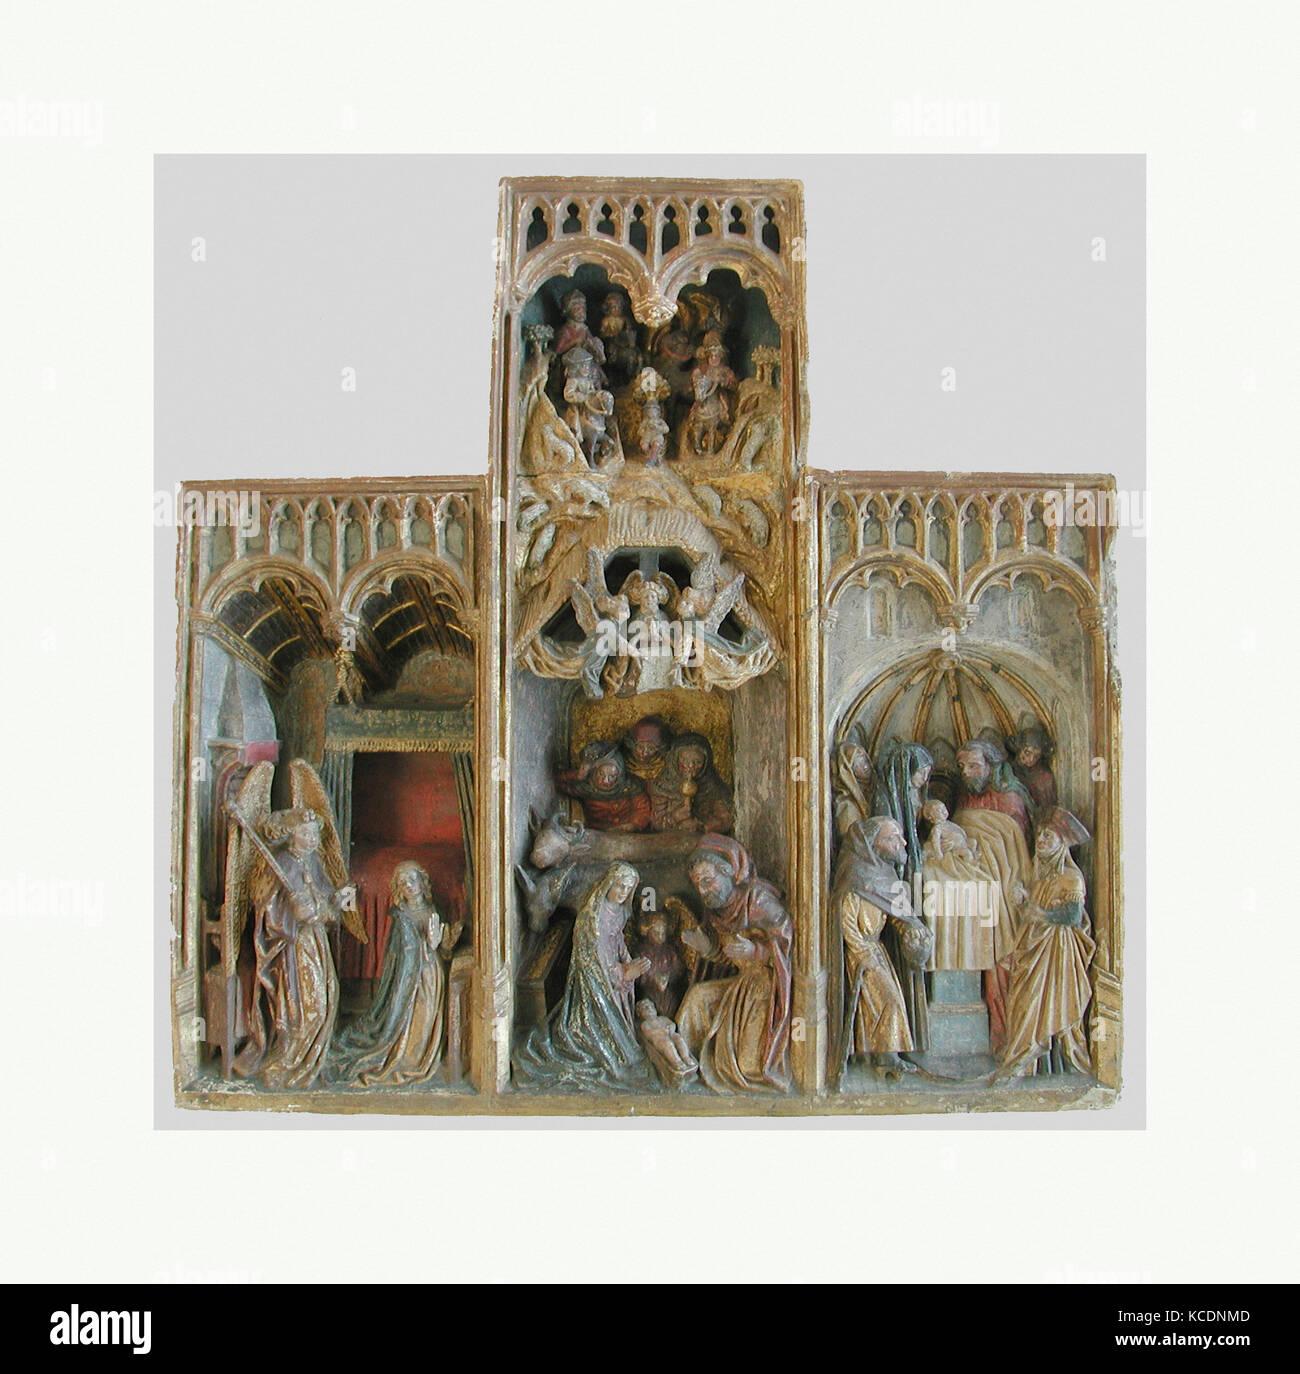 Retable avec des scènes de l'Enfance du Christ, fin du 15e siècle Photo Stock